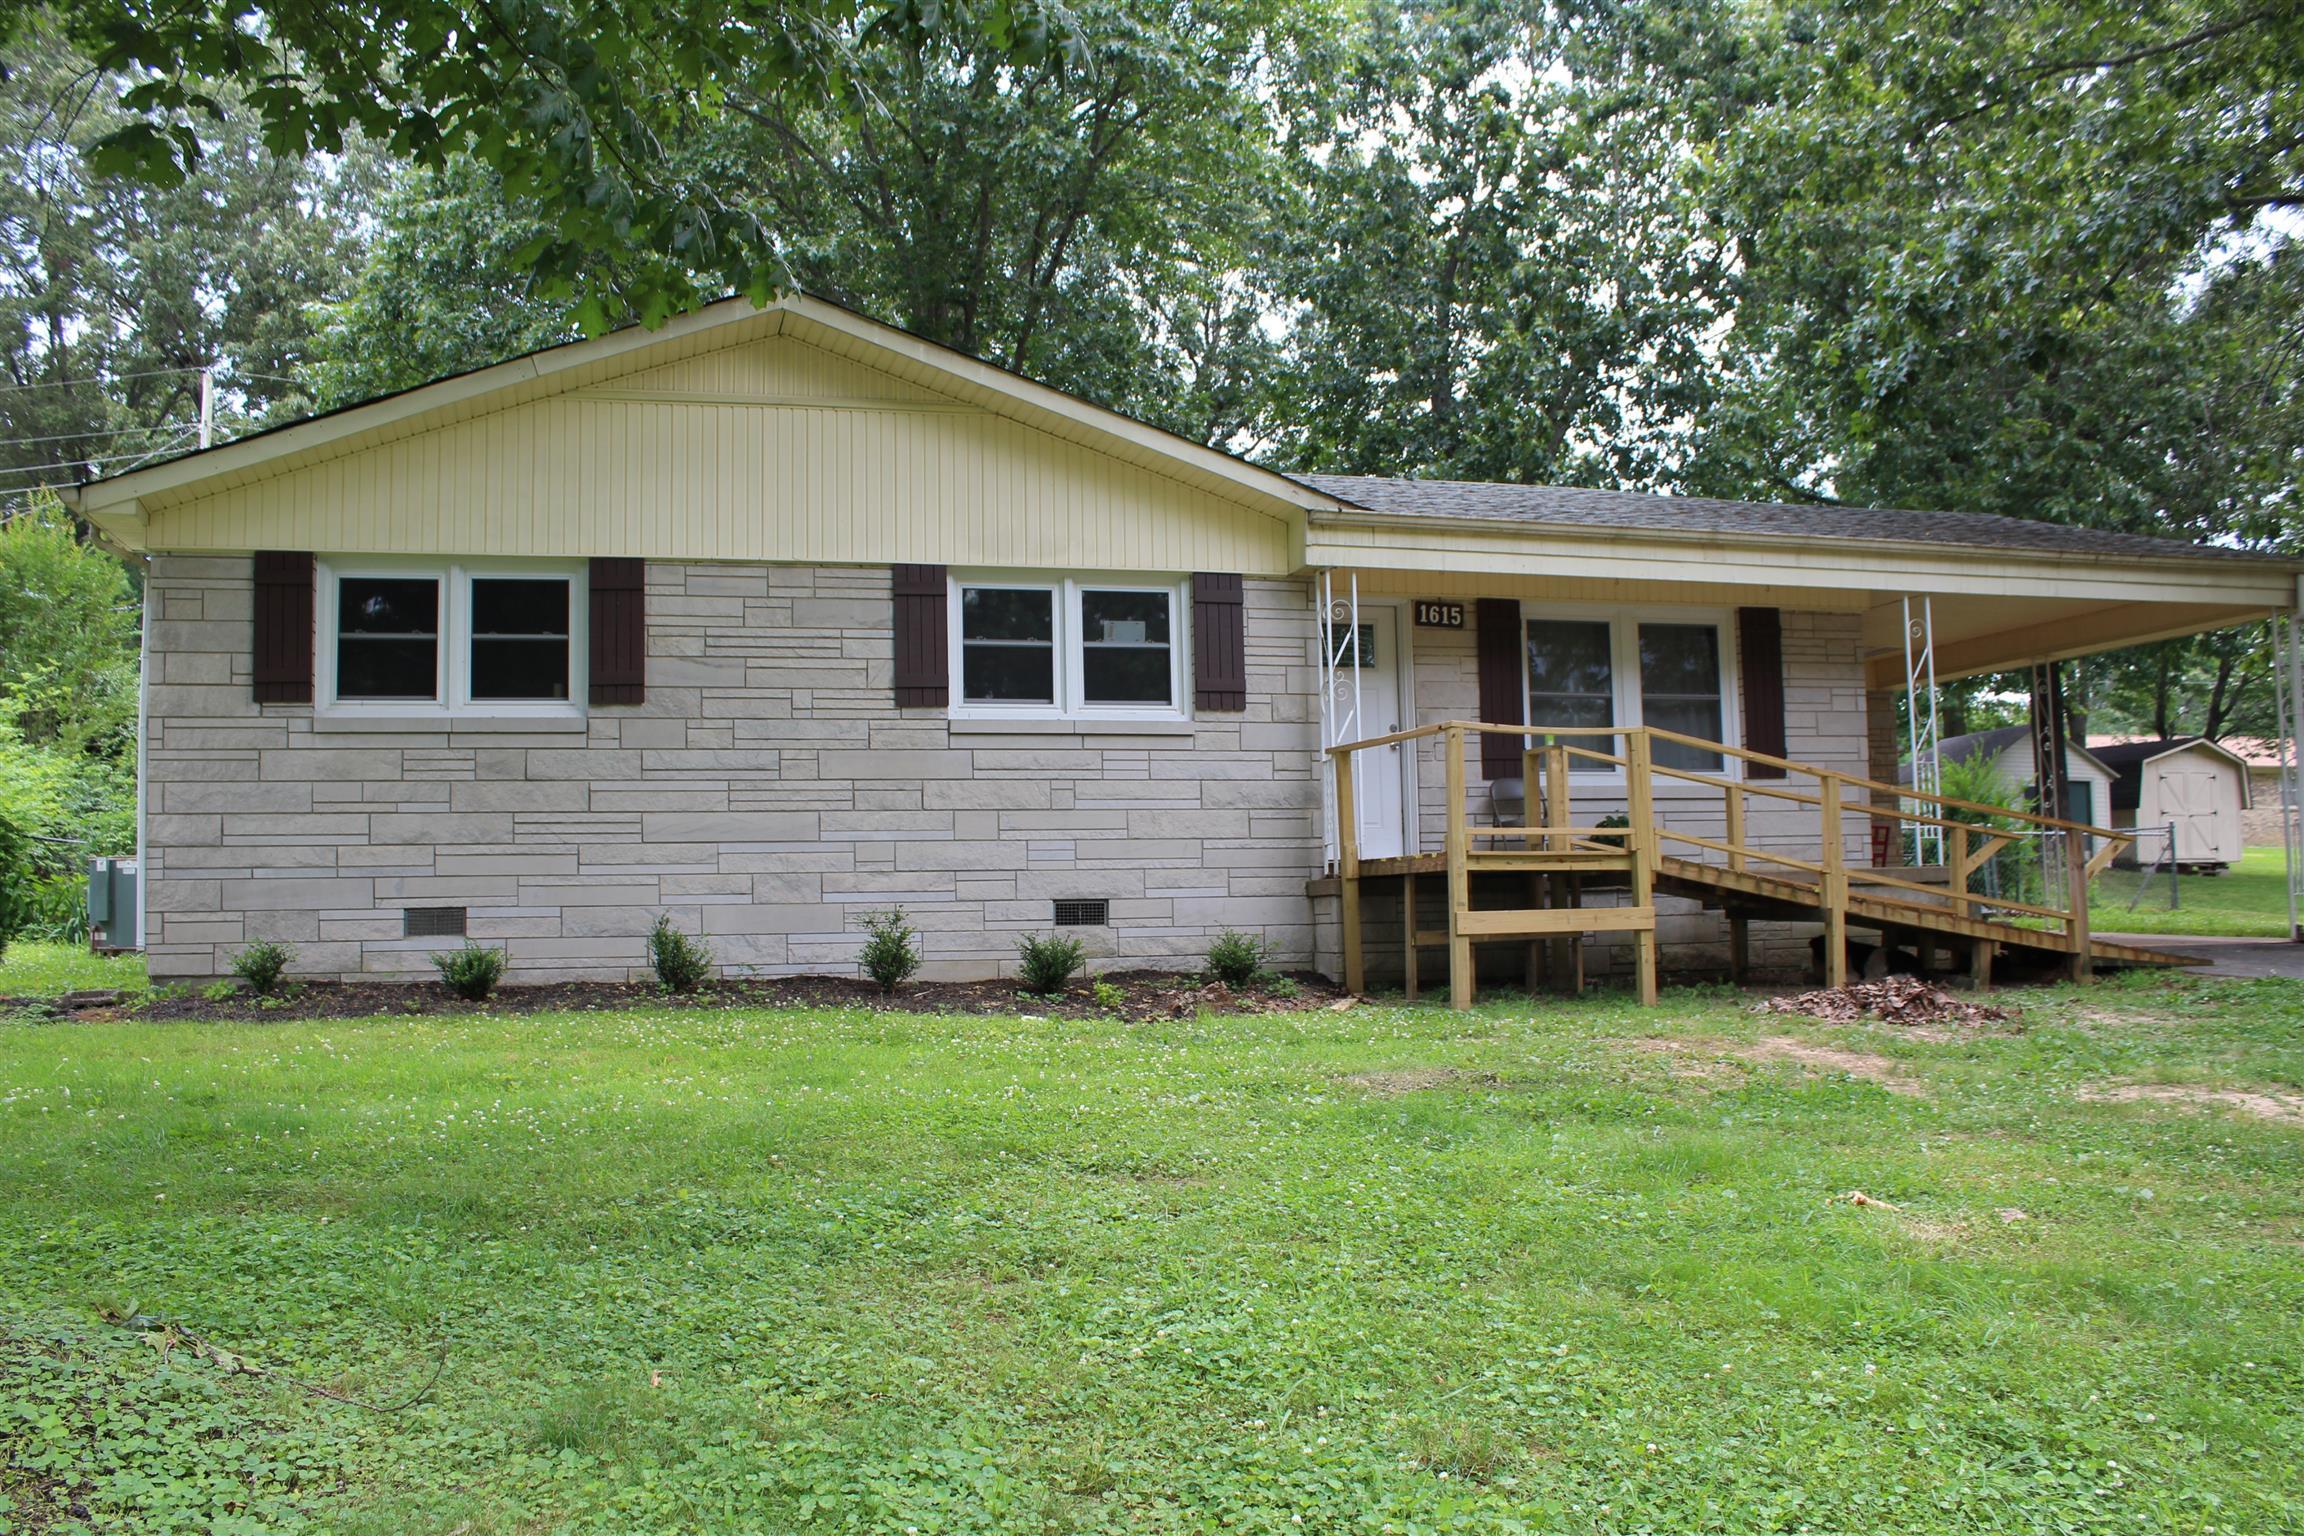 1615 Grandaddy Rd, Lawrenceburg, TN 38464 - Lawrenceburg, TN real estate listing